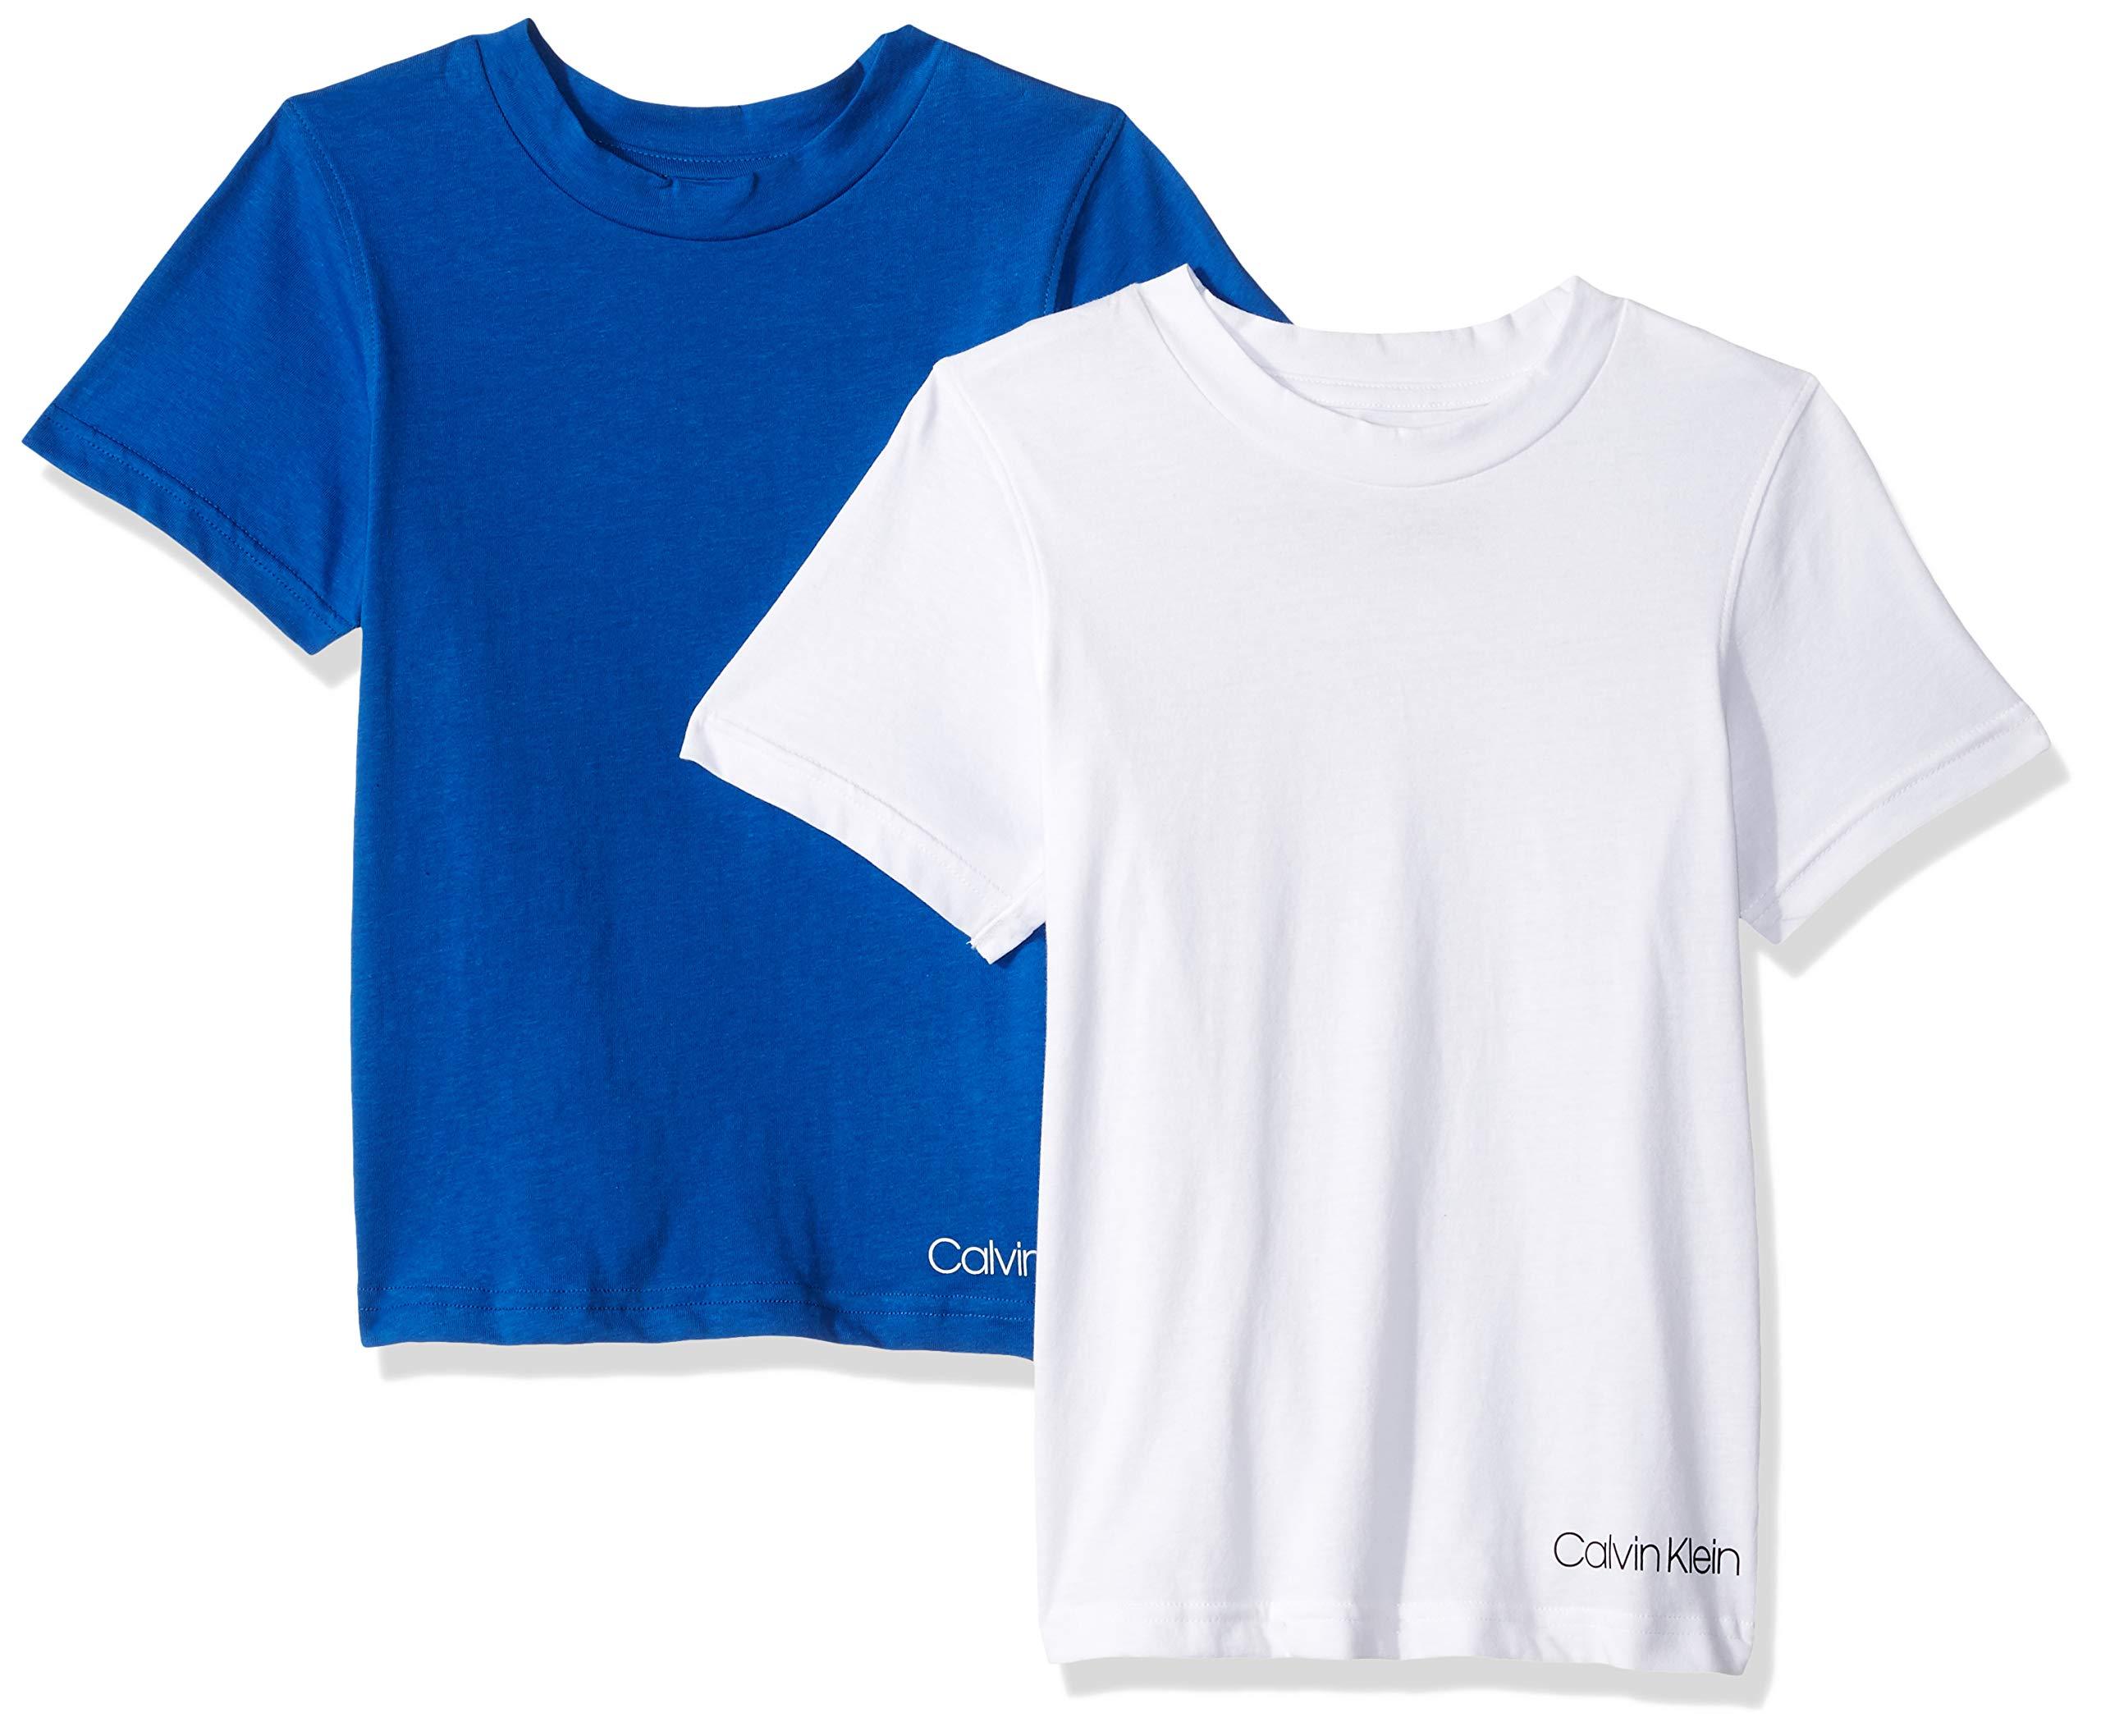 Calvin Klein 男孩内衣 2 件装